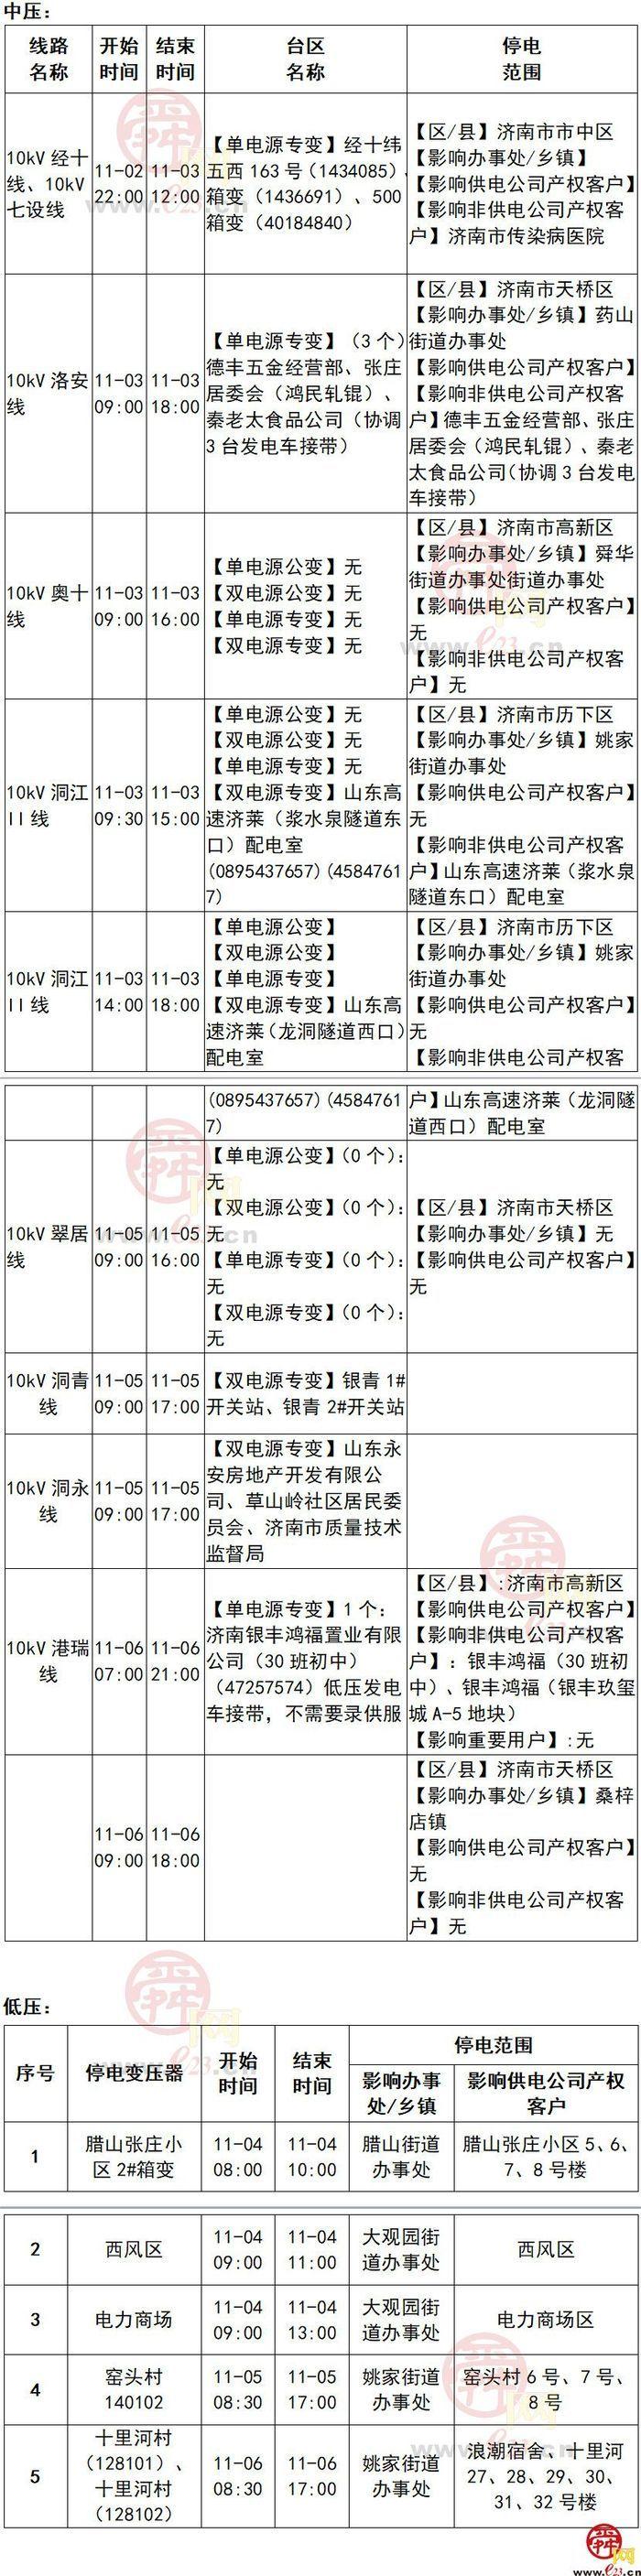 2020年11月2日至11月8日济南部分区域电力设备检修通知